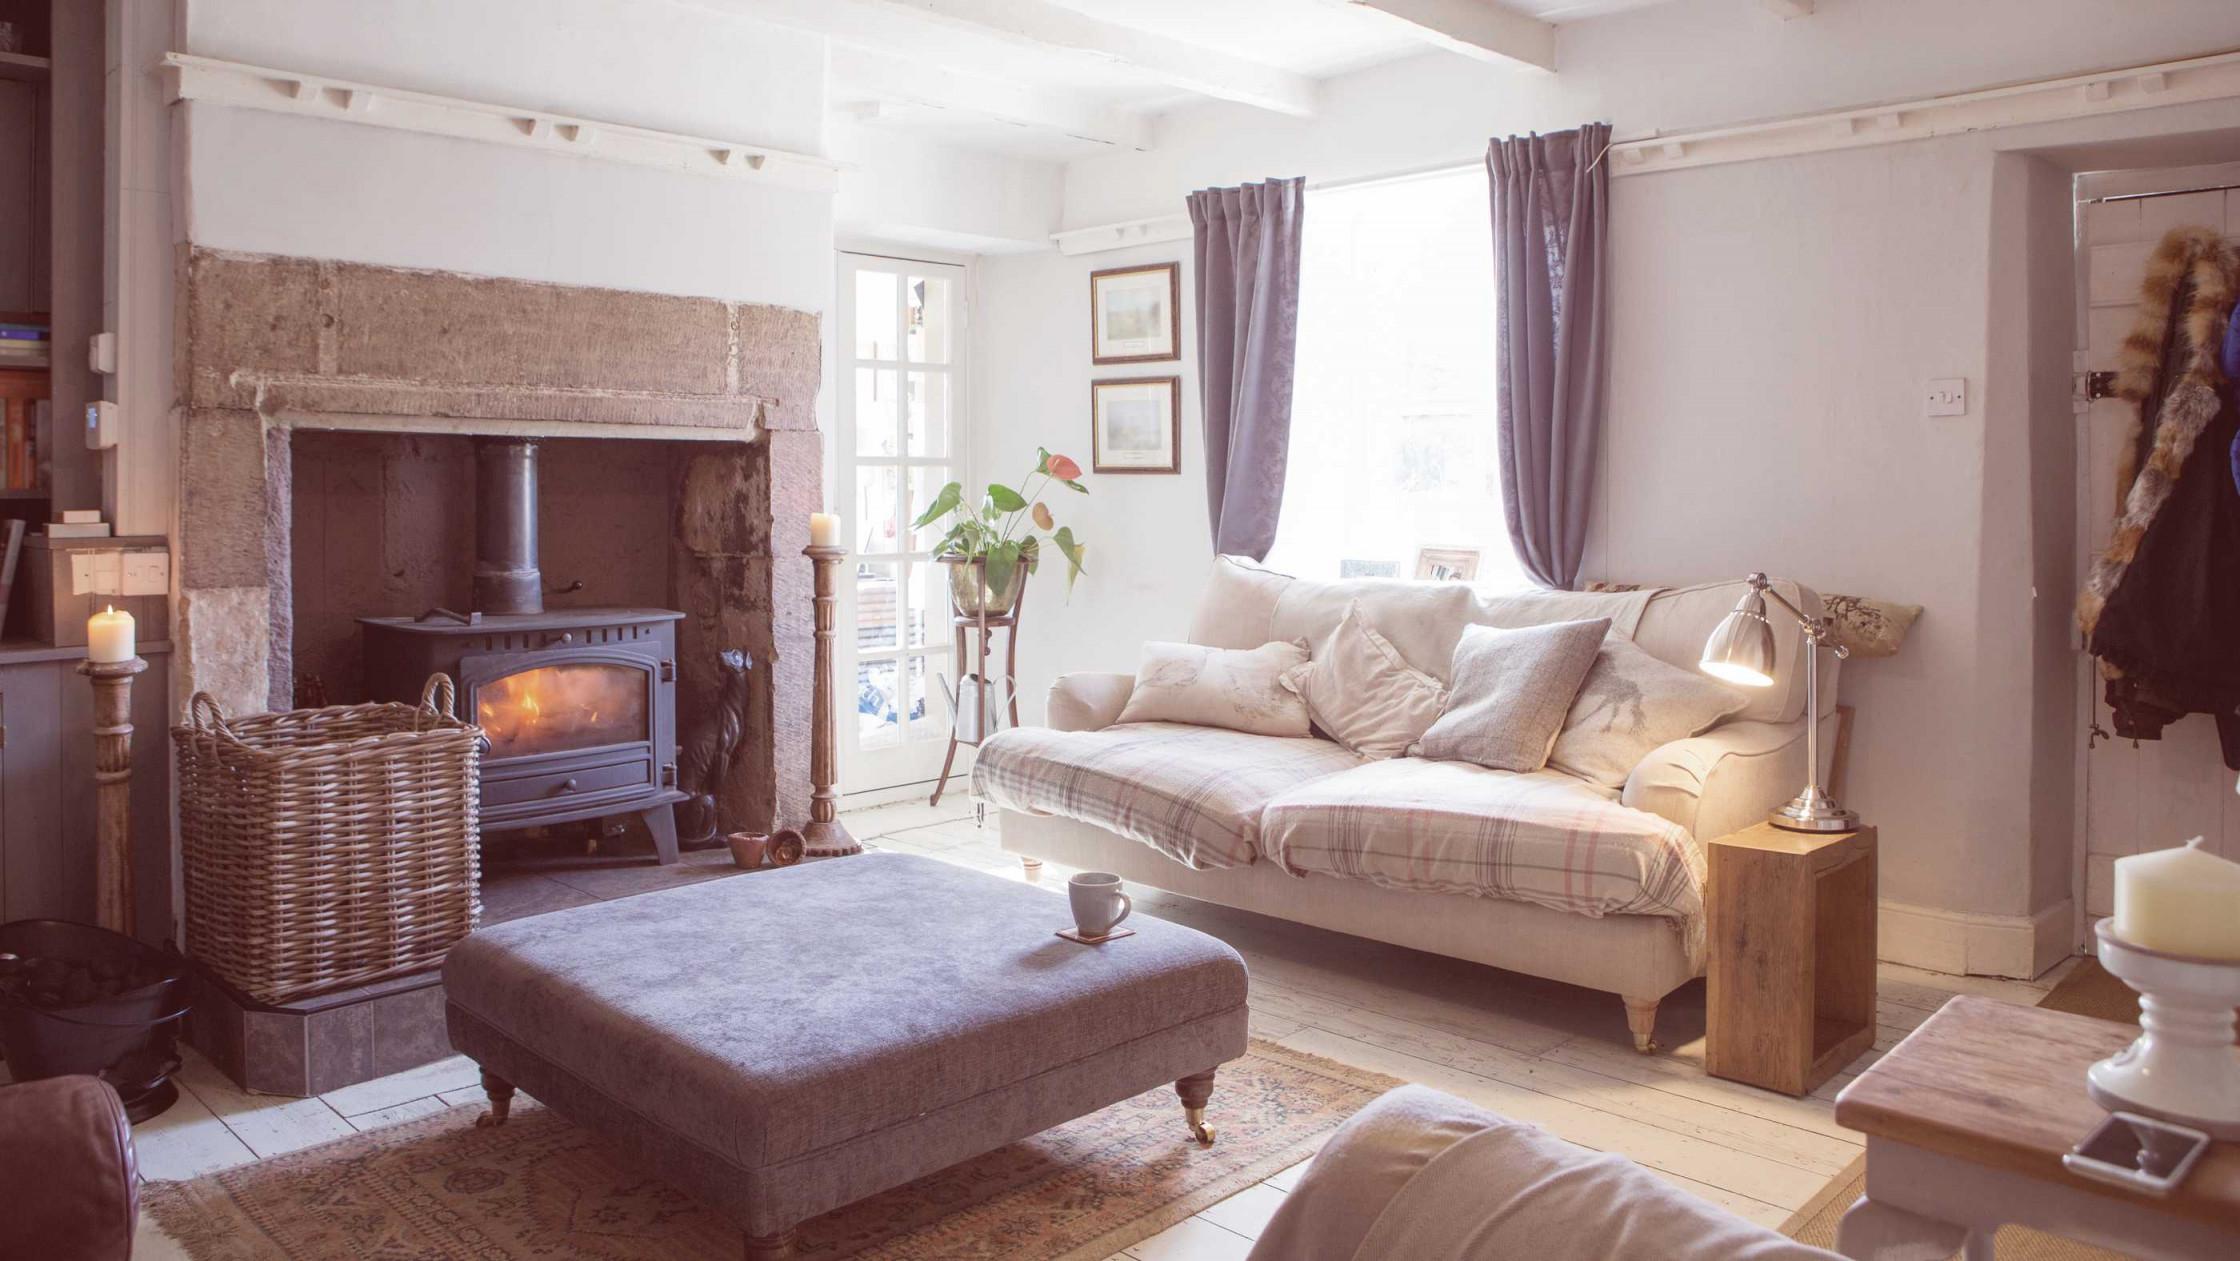 Wohnzimmer Ideen Und Tipps Zur Einrichtung von Wohnzimmer Ideen Dunkle Möbel Bild